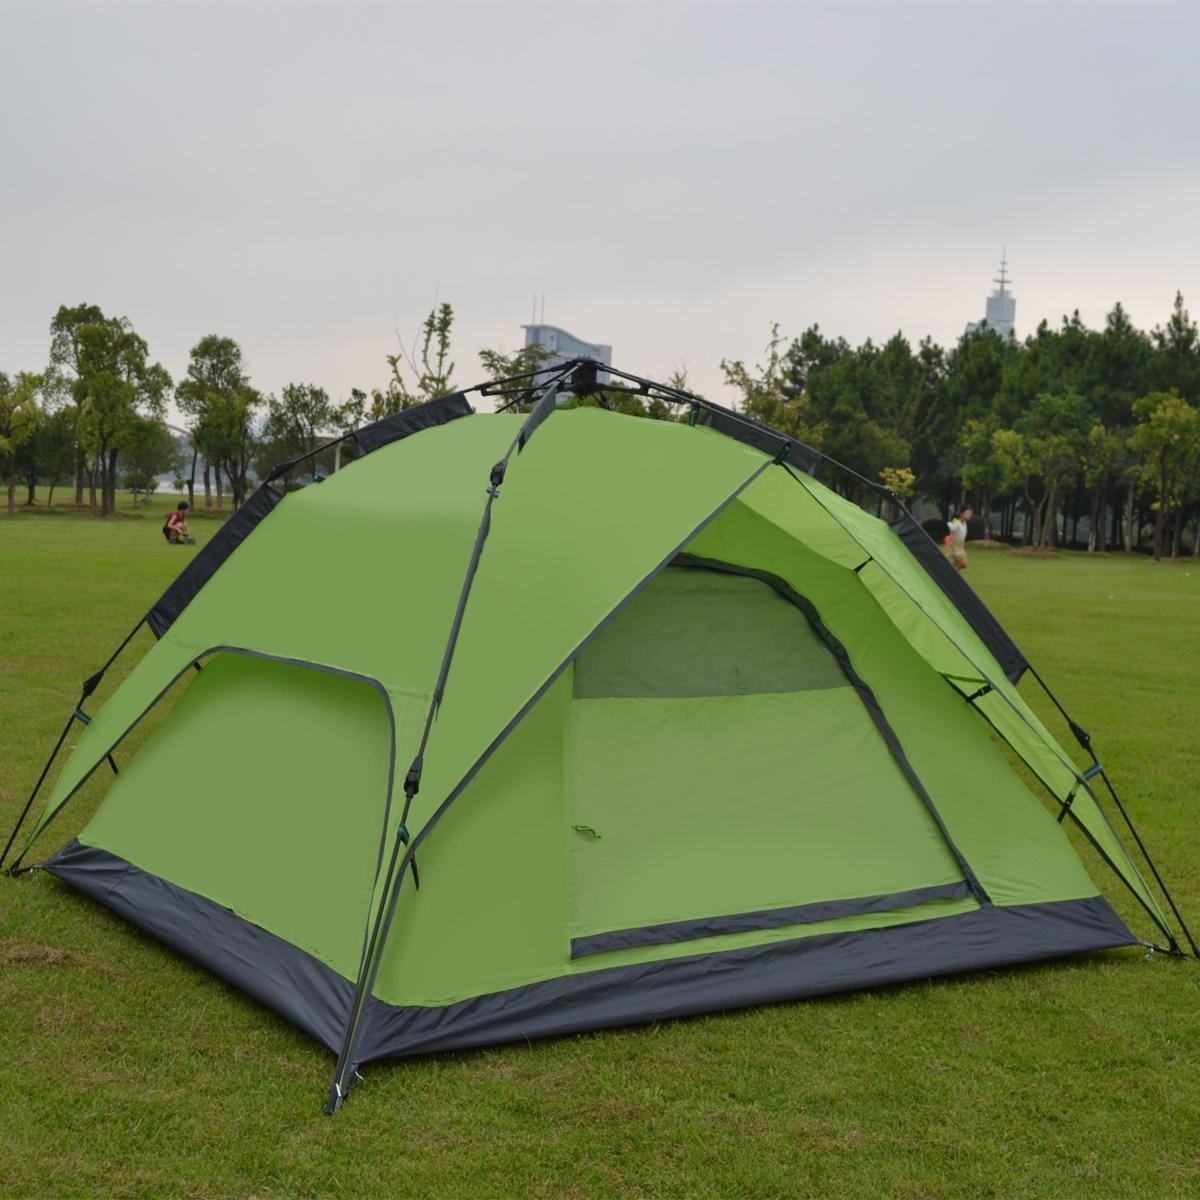 新品ワンタッチテント テント 3~4人用 設営簡単 防災用 2WAY キャンプ用品 撥水加工 紫外線防止 登山 折りたたみ 防水 通気性TT087_画像2